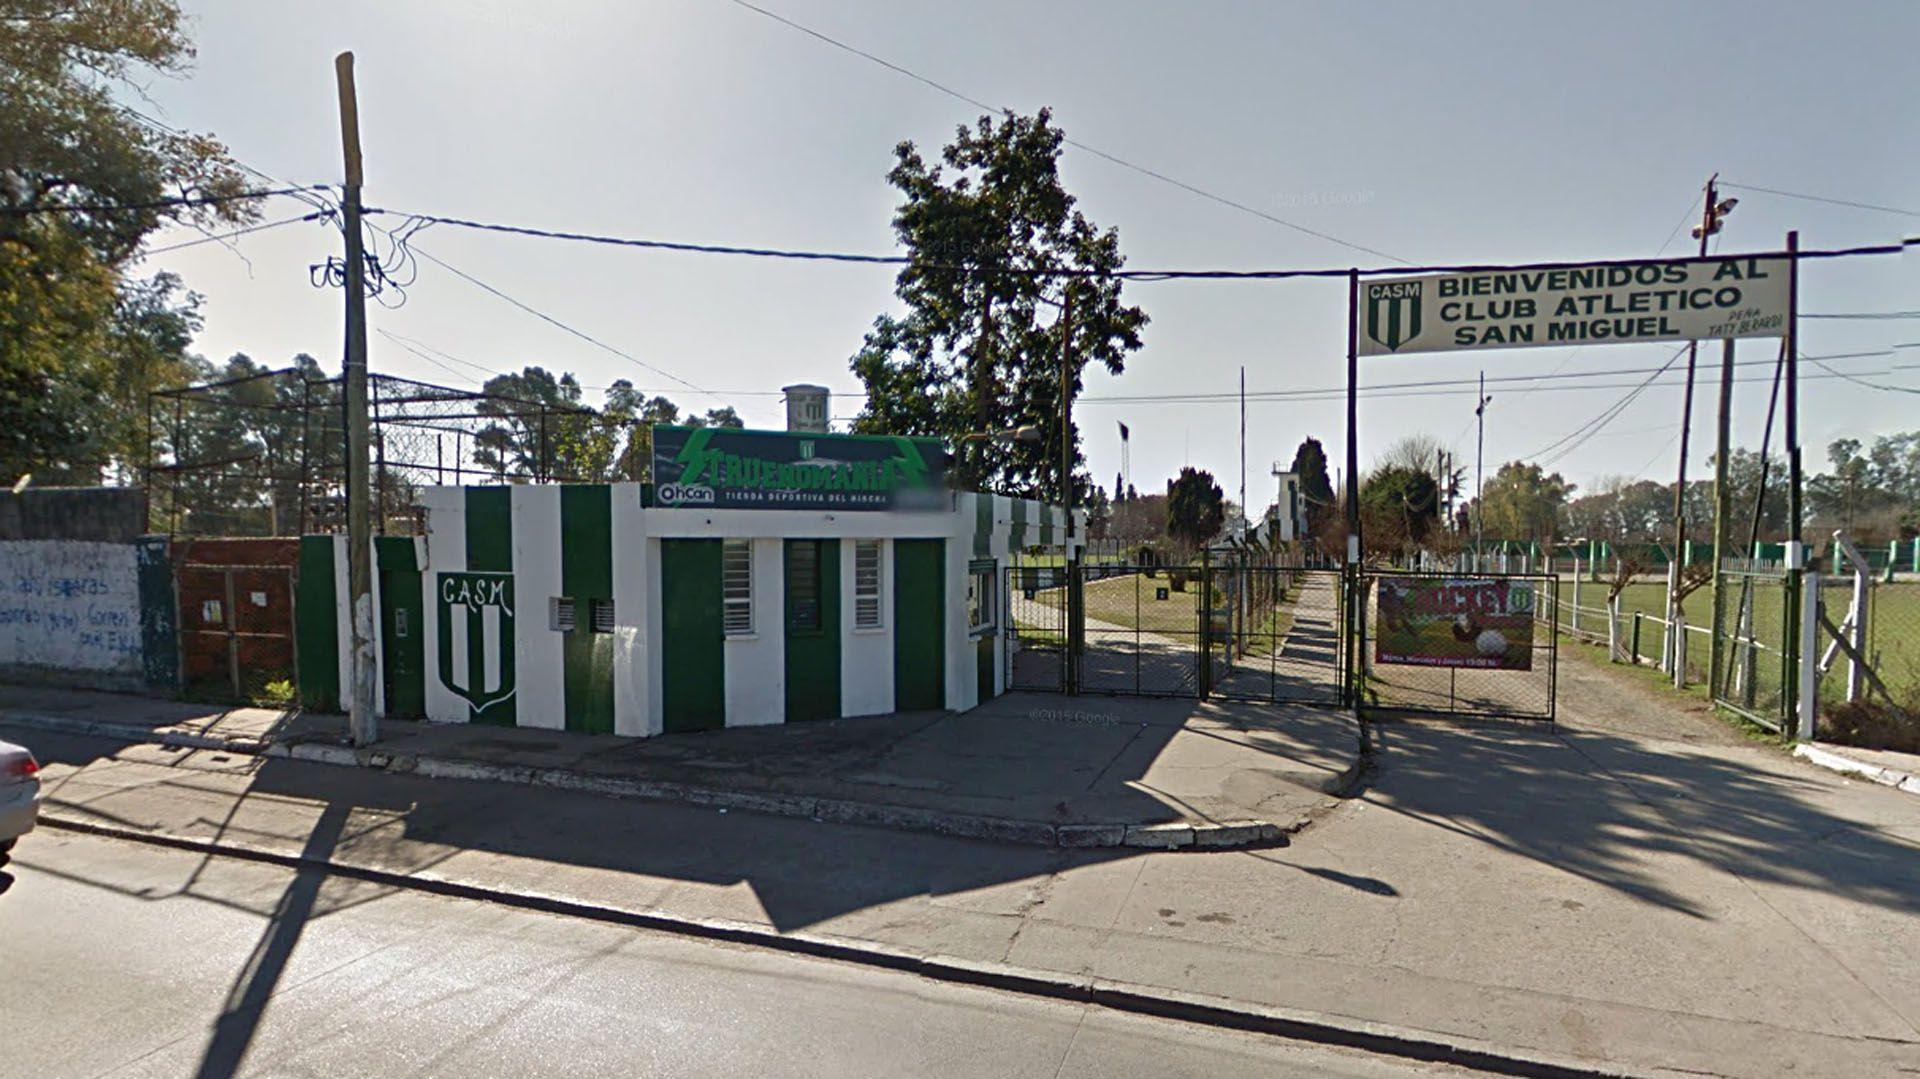 Entrada Club Atlético San Miguel